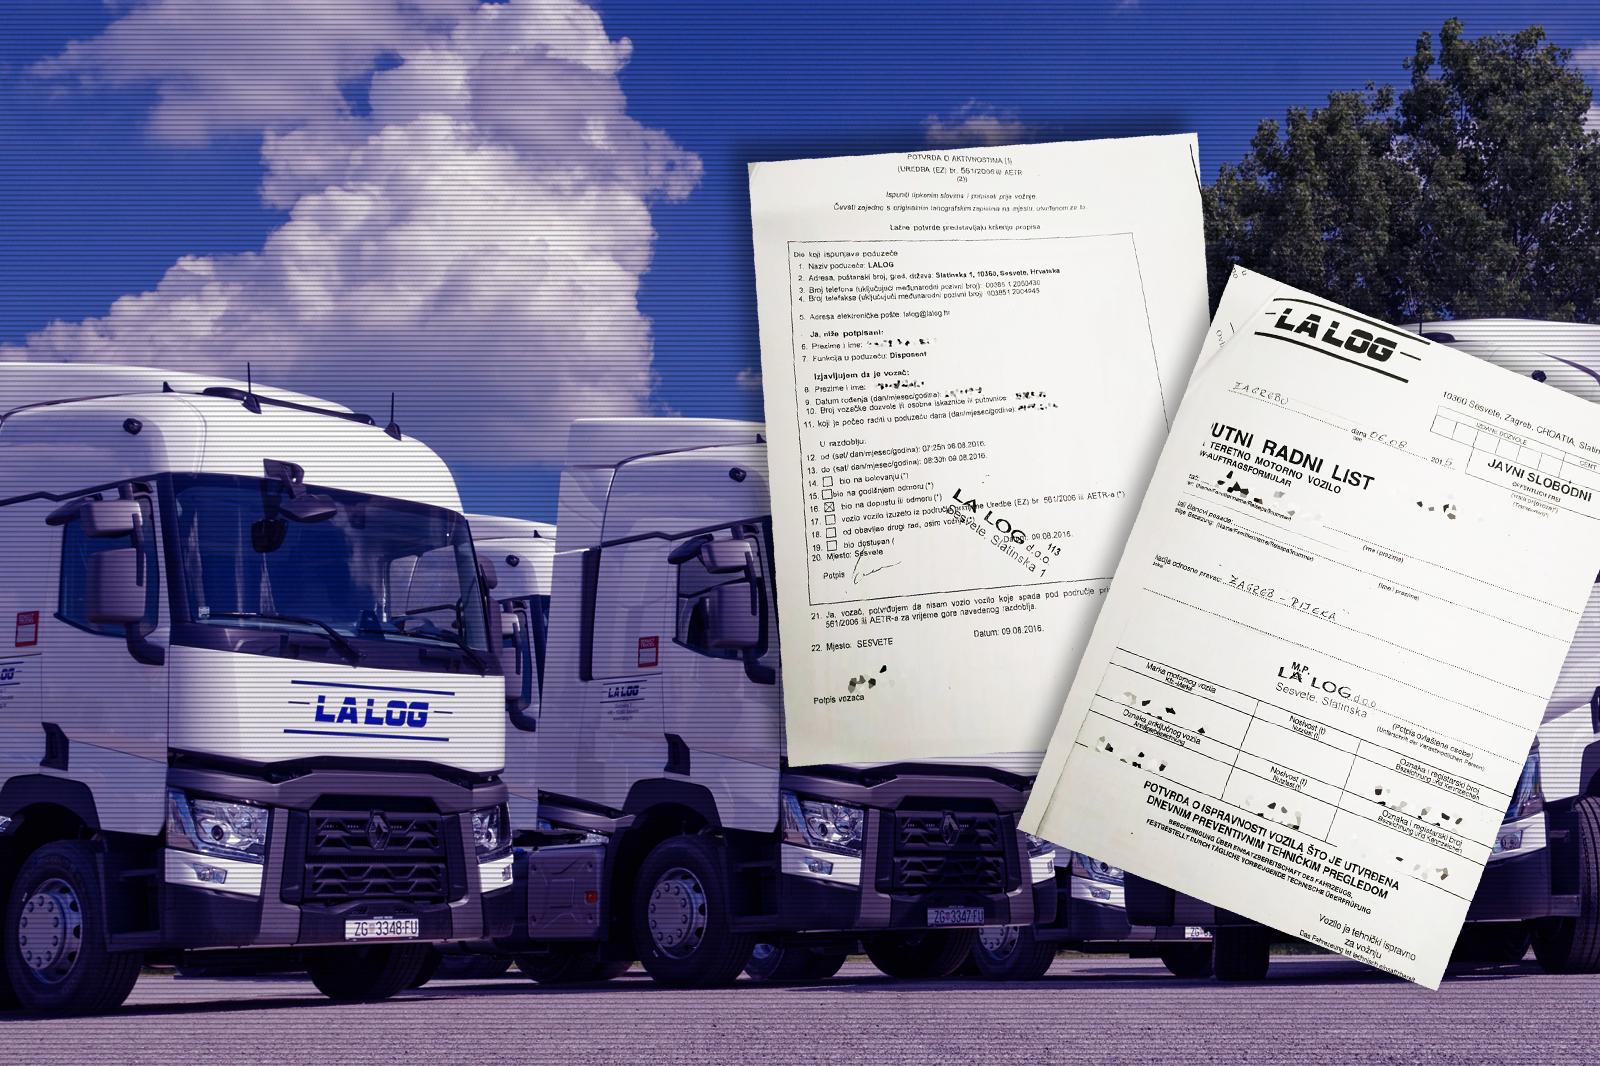 Prijevoznička tvrtka vozačima je pisala da su slobodni u vrijeme dok oni još voze; mjesečno su radili i 300 sati